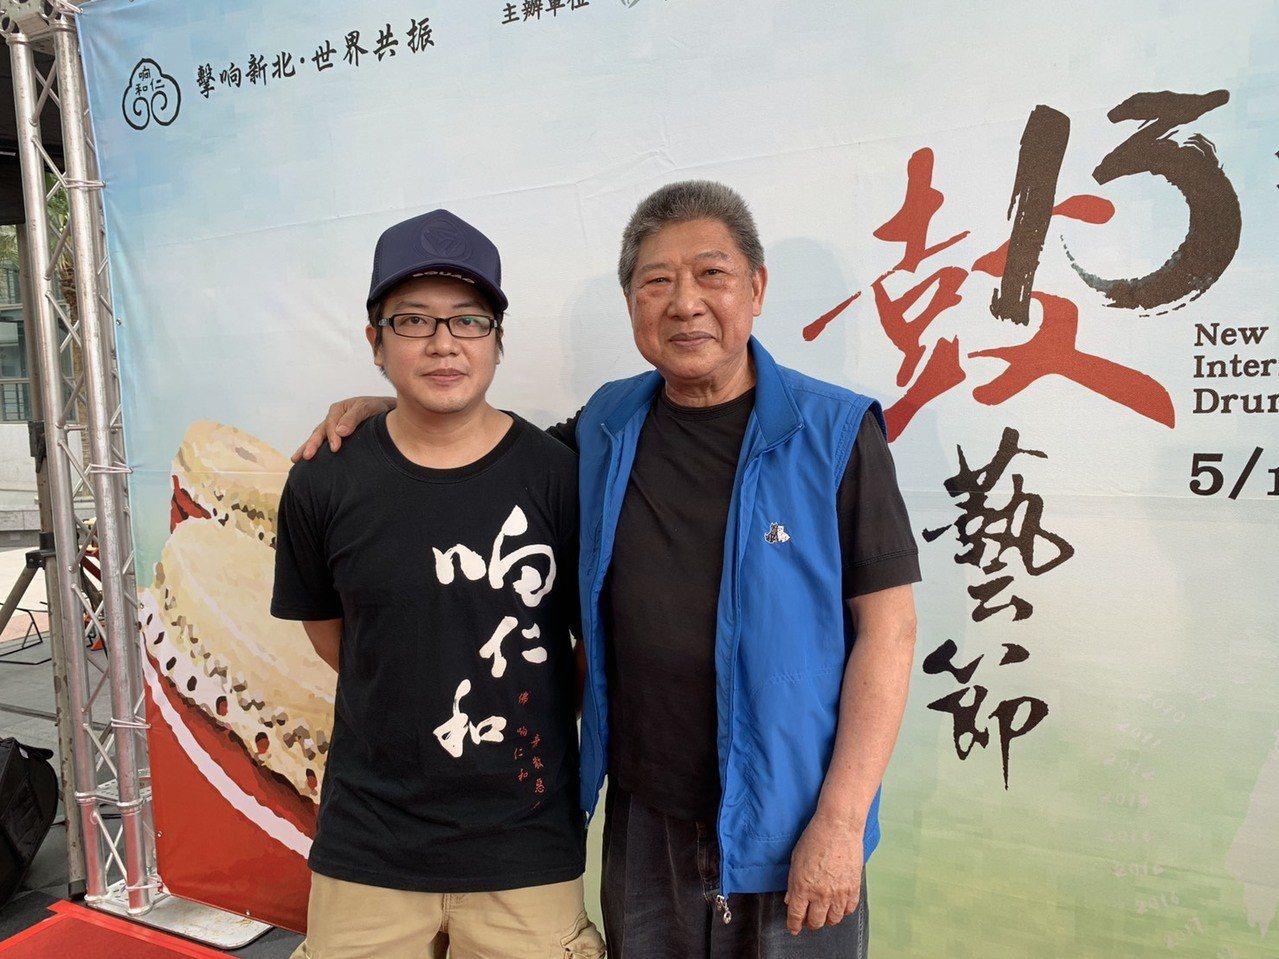 64歲王錫坤(右)是新莊响仁和鐘鼓廠第二代師傅,更有「國寶大師」的美稱,第三代王...